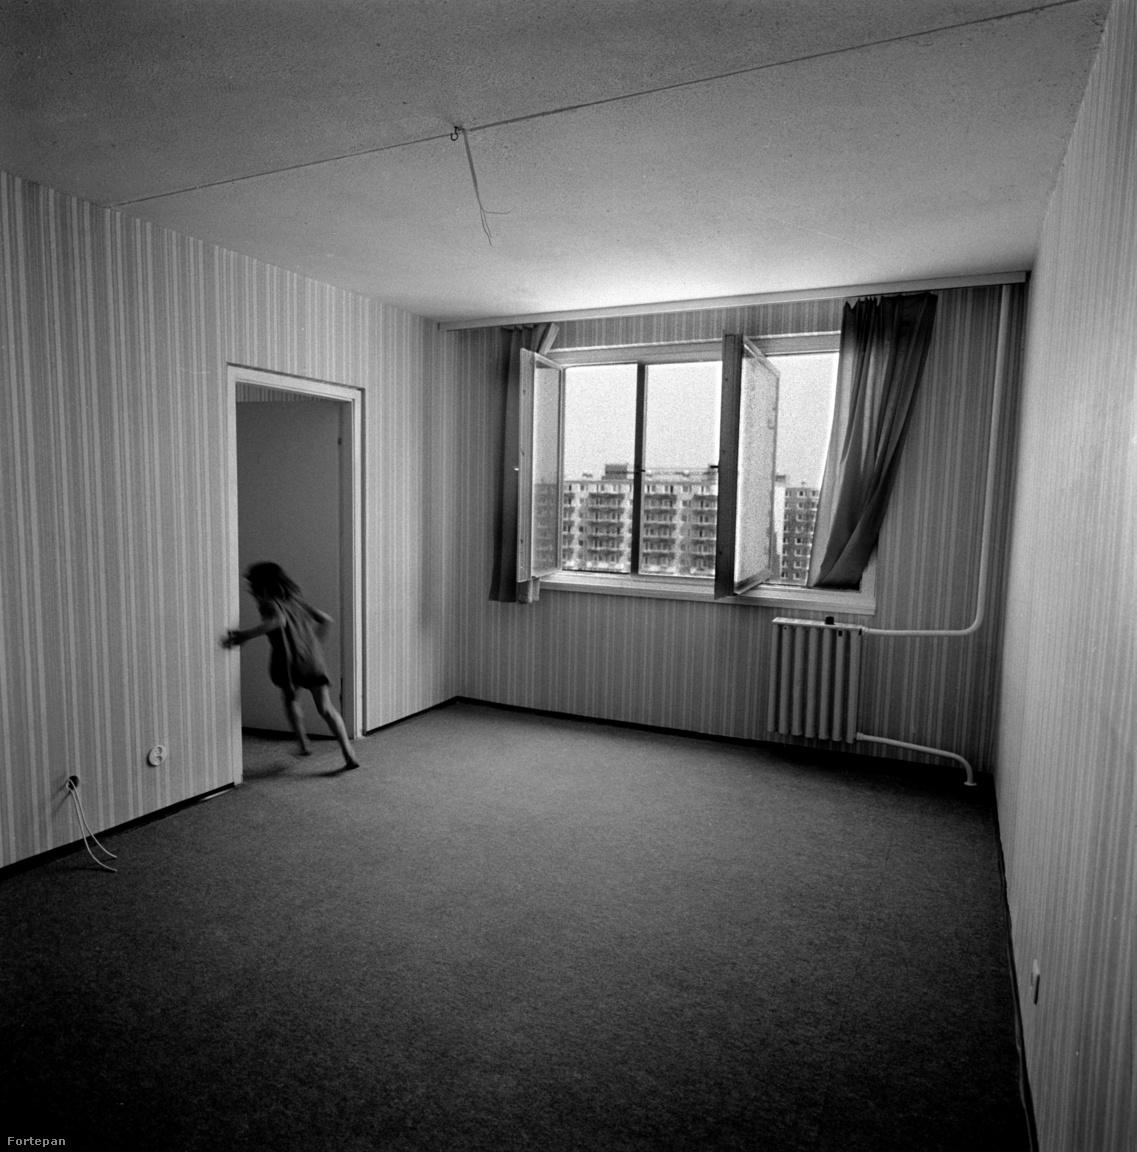 1046: Az újpalotai panelekbe tipikusan faluról vagy a belvárosból költztek családok, akiknek a több szobás, külön fürdőszobás, napos lakások hatalmas lépést jelentettek a komfort nélküli szobakonyhák után. Ennek a leglátványosabban a gyerekek örültek. Horváth Péter elmesélte, hogy egyszer segített beköltözni egy családnak, ahol a kislány, miután fölfedezte magának a lakást, ámultan jelentette, hogy itt több szoba is van. A nagymamám pedig azt mesélte, hogy a beköltözésük után a alig lehetett az akkor a képen látható kislánnyal egykorú anyukámat és nagynénémet kirobbantani a fürdőszobából. El voltak tőle ájulva,  mert a VII. kerületben csak lavorban lehetett fürödni a szobában.